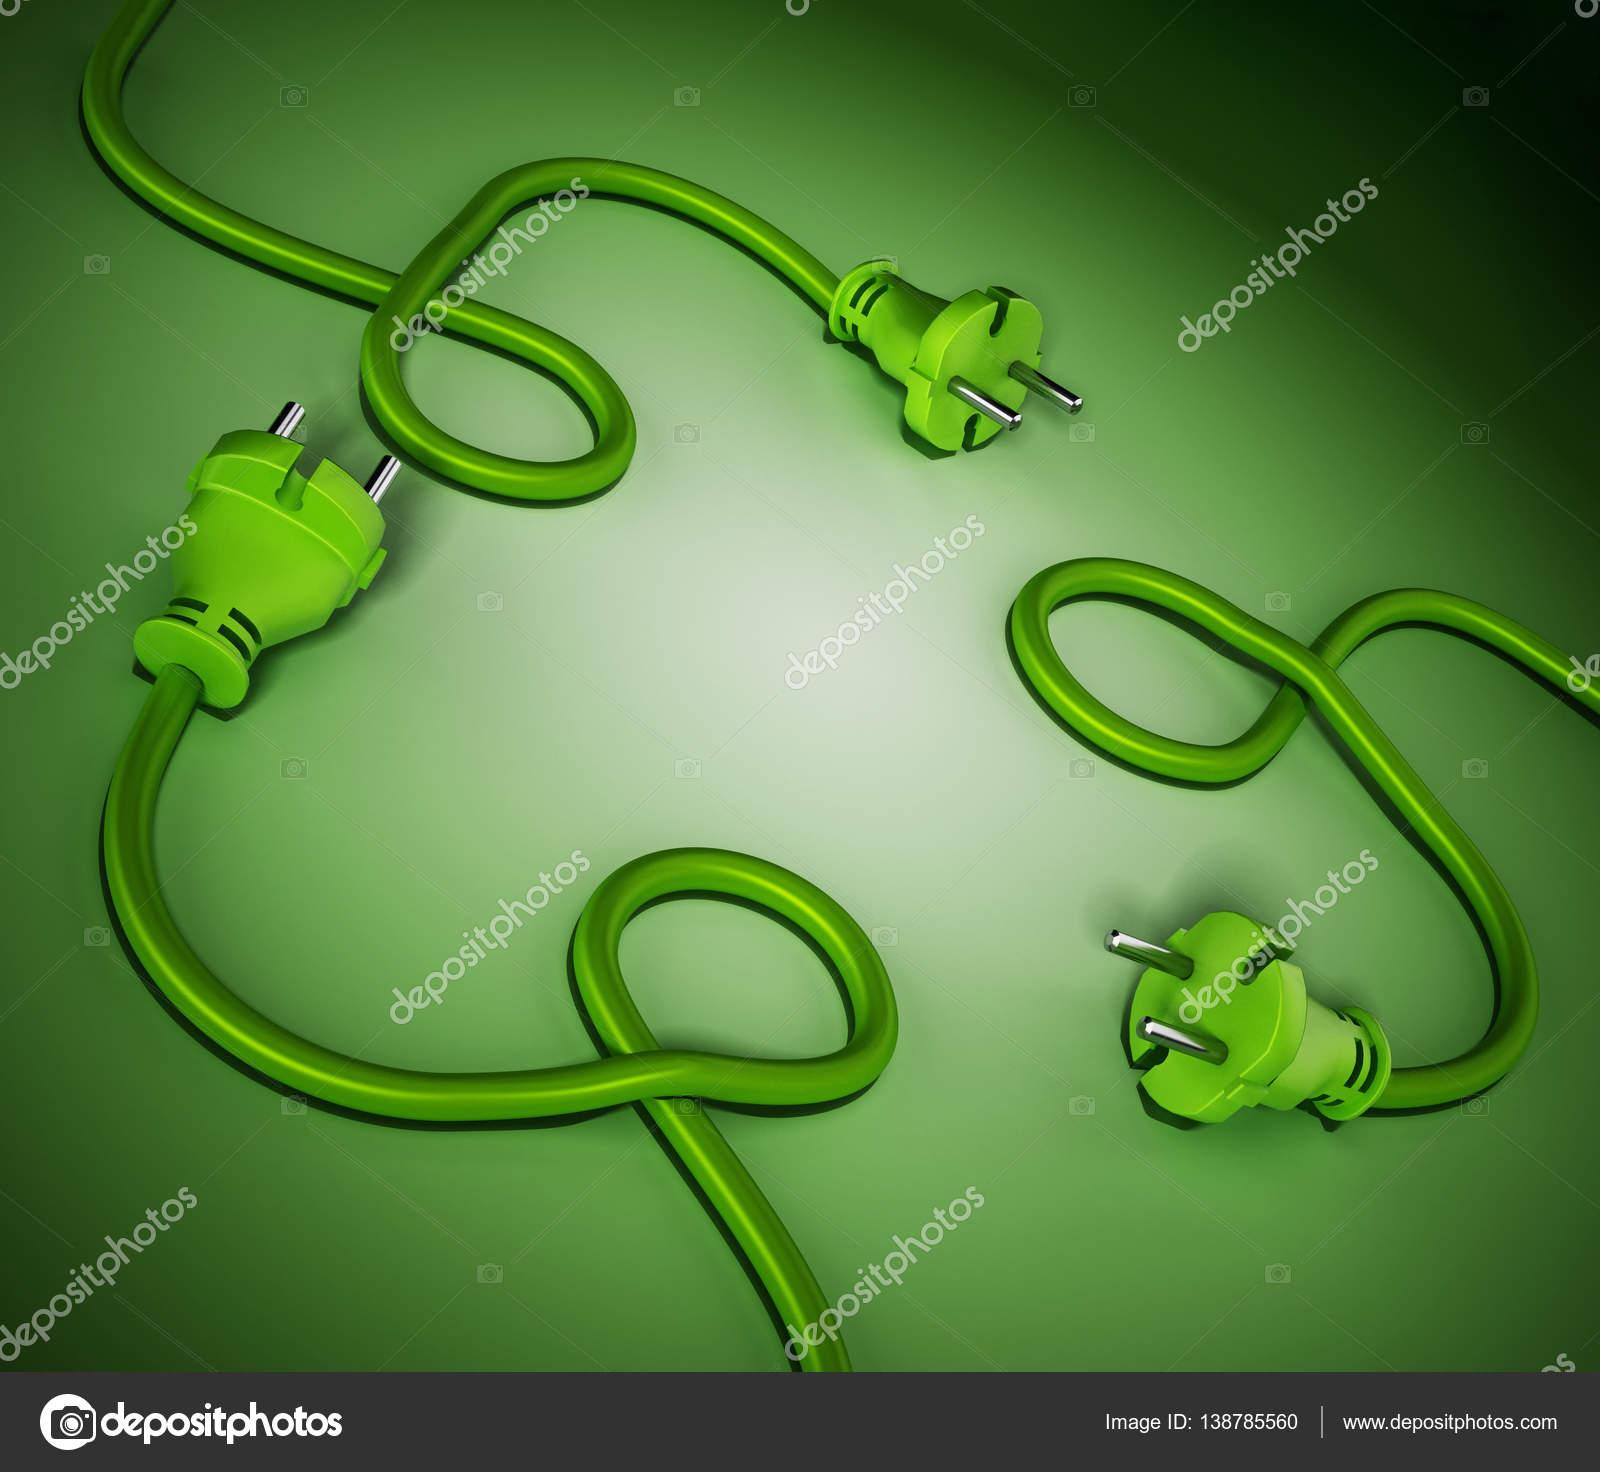 Elektrische Stecker und Kabel bilden ein Recycling-Symbol. 3D ...